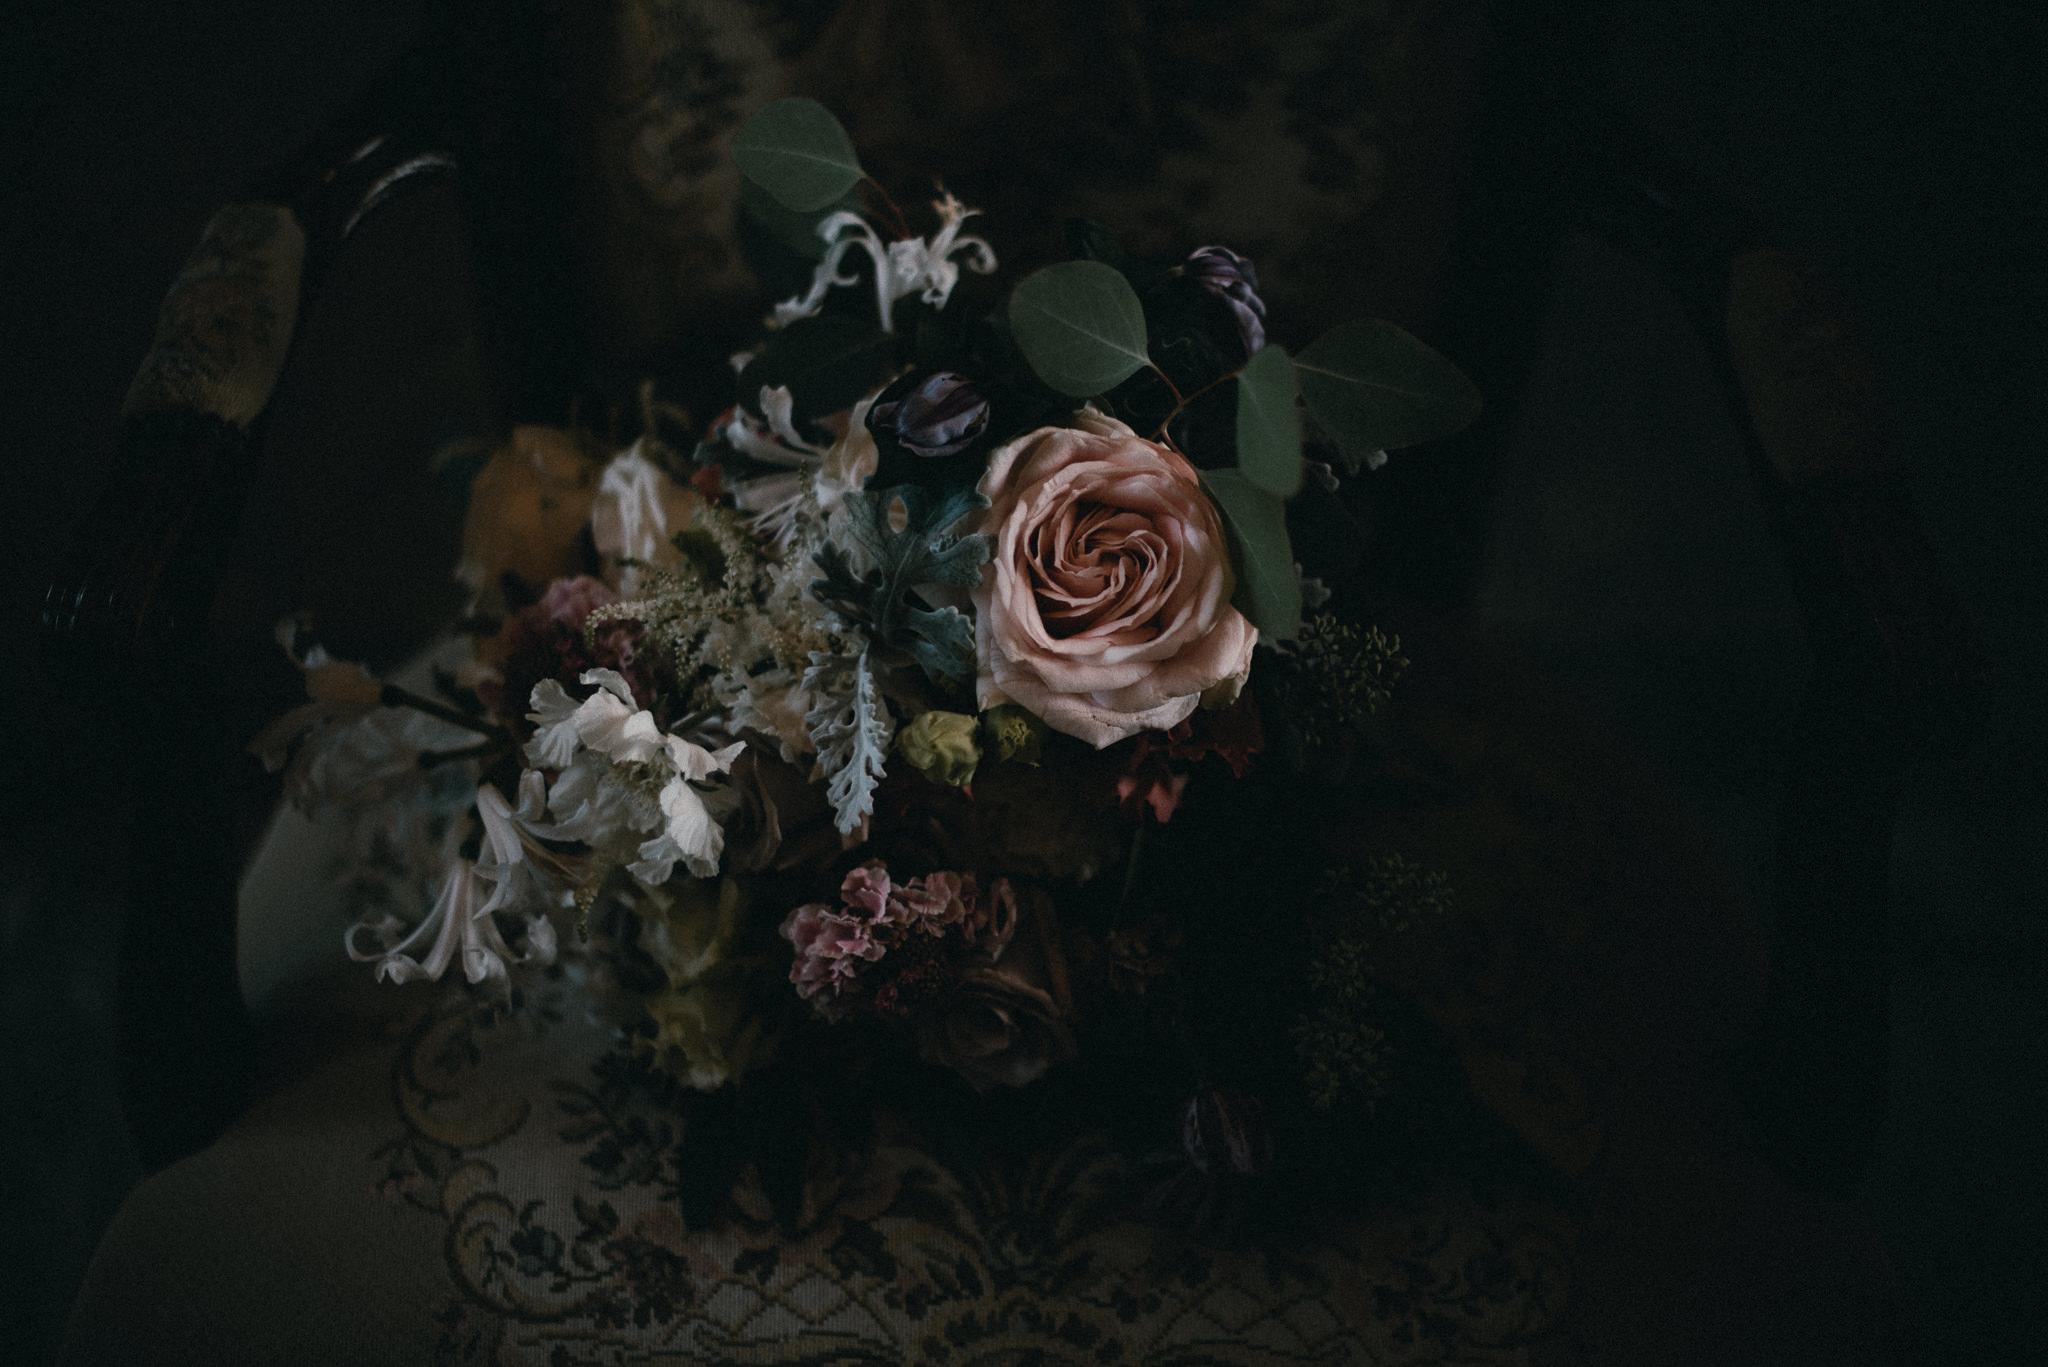 Bruidsfotograaf Amsterdam Naomi van der Kraan artistieke bruidsfotografie